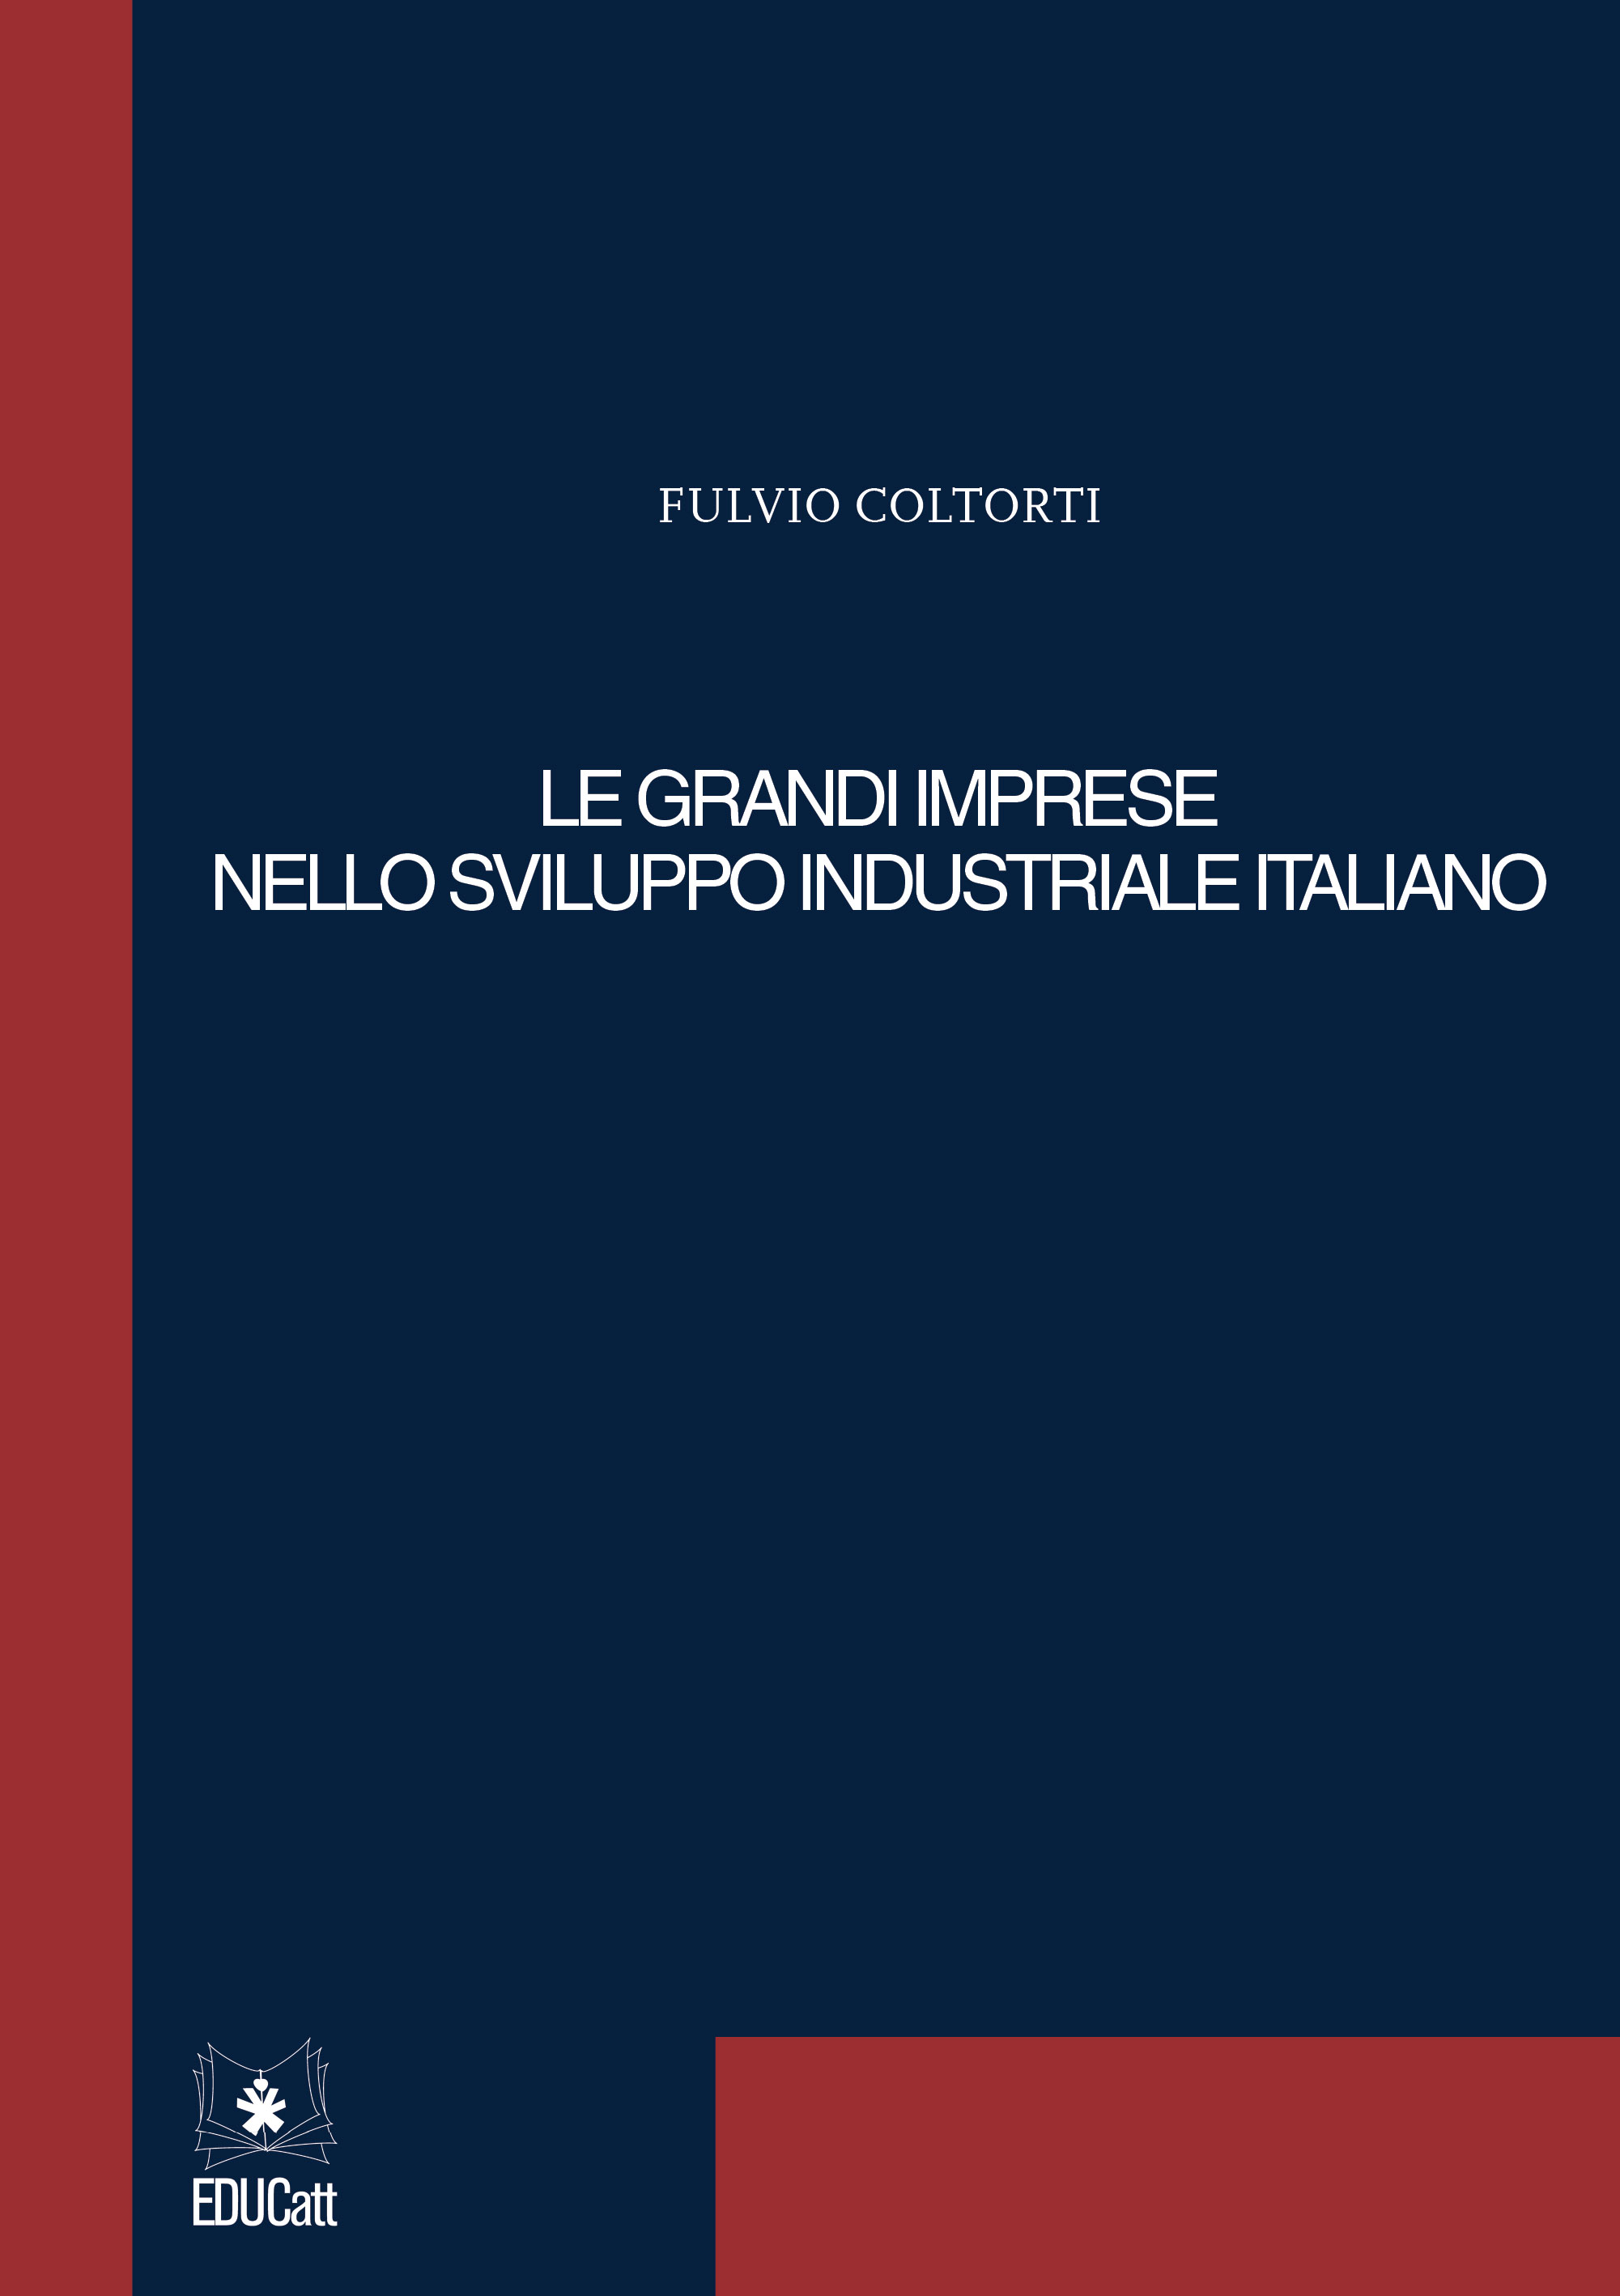 LE GRANDI IMPRESE NELLO SVILUPPO INDUSTRIALE ITALIANO